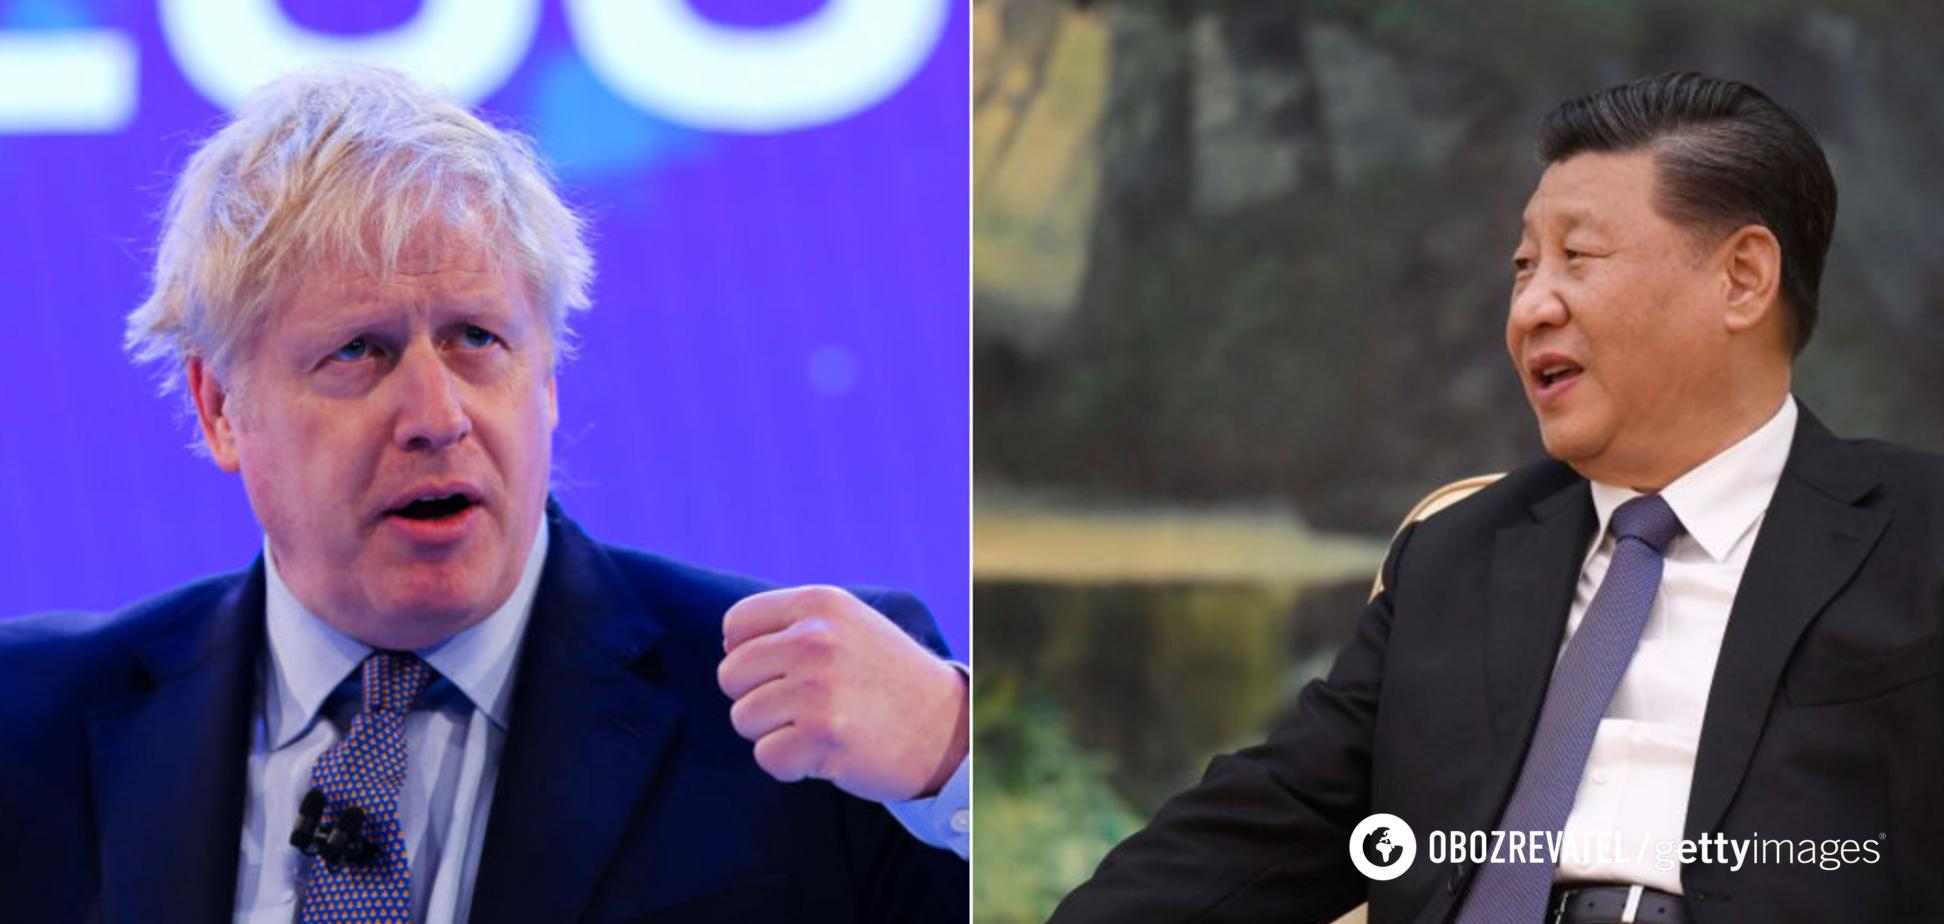 Британия обвинила Китай во лжи о коронавирусе: назрел международный скандал